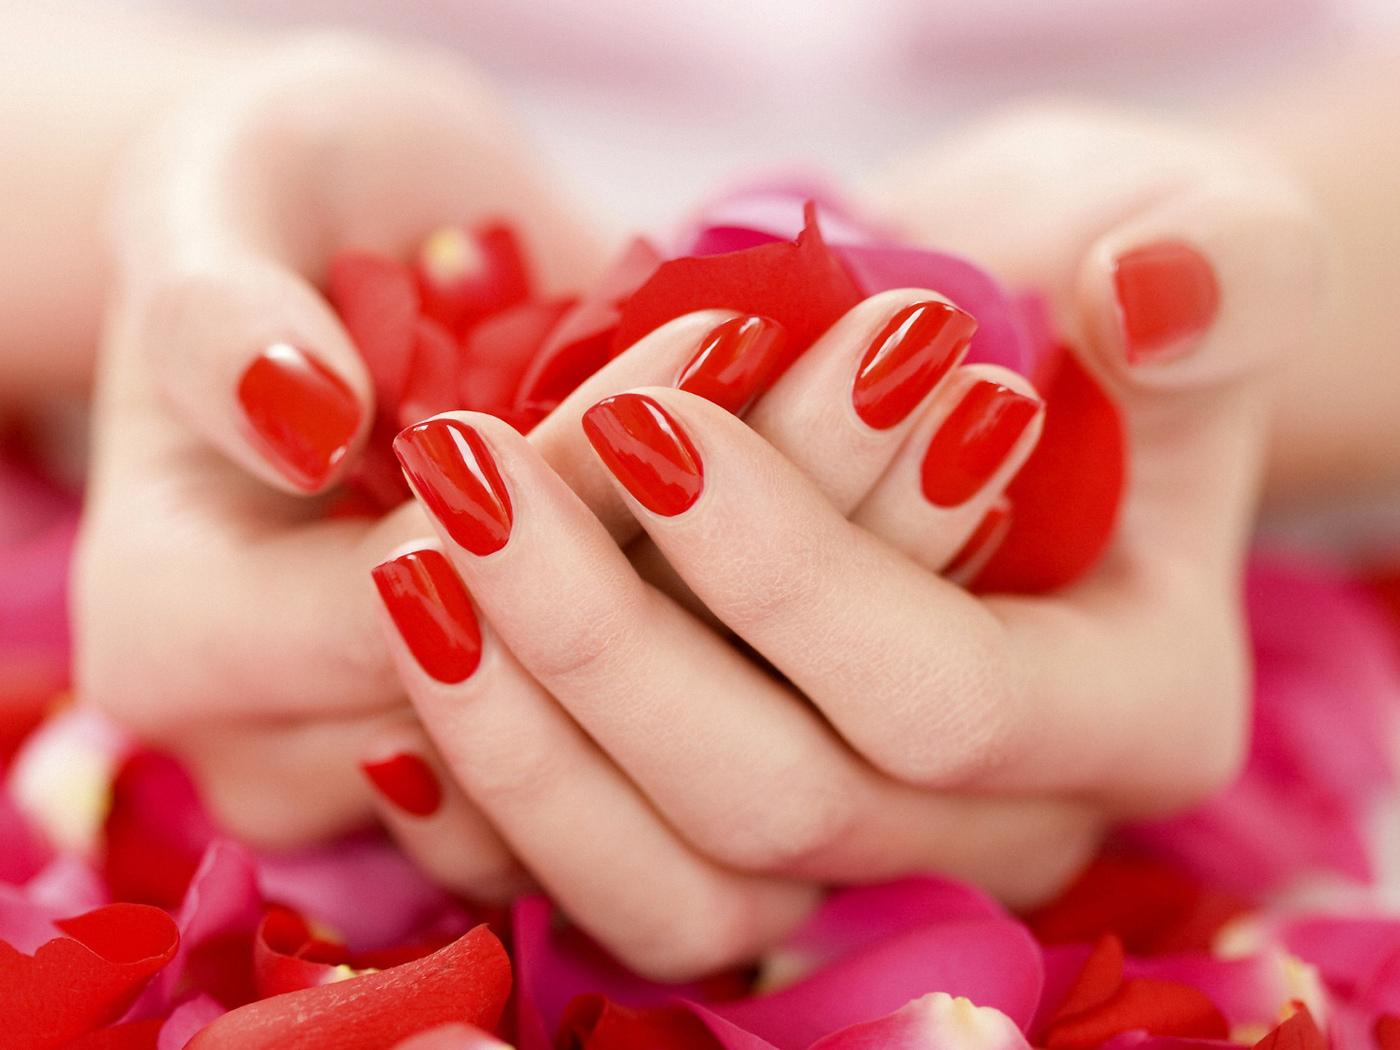 Фото или картинки с маникюром ногтей